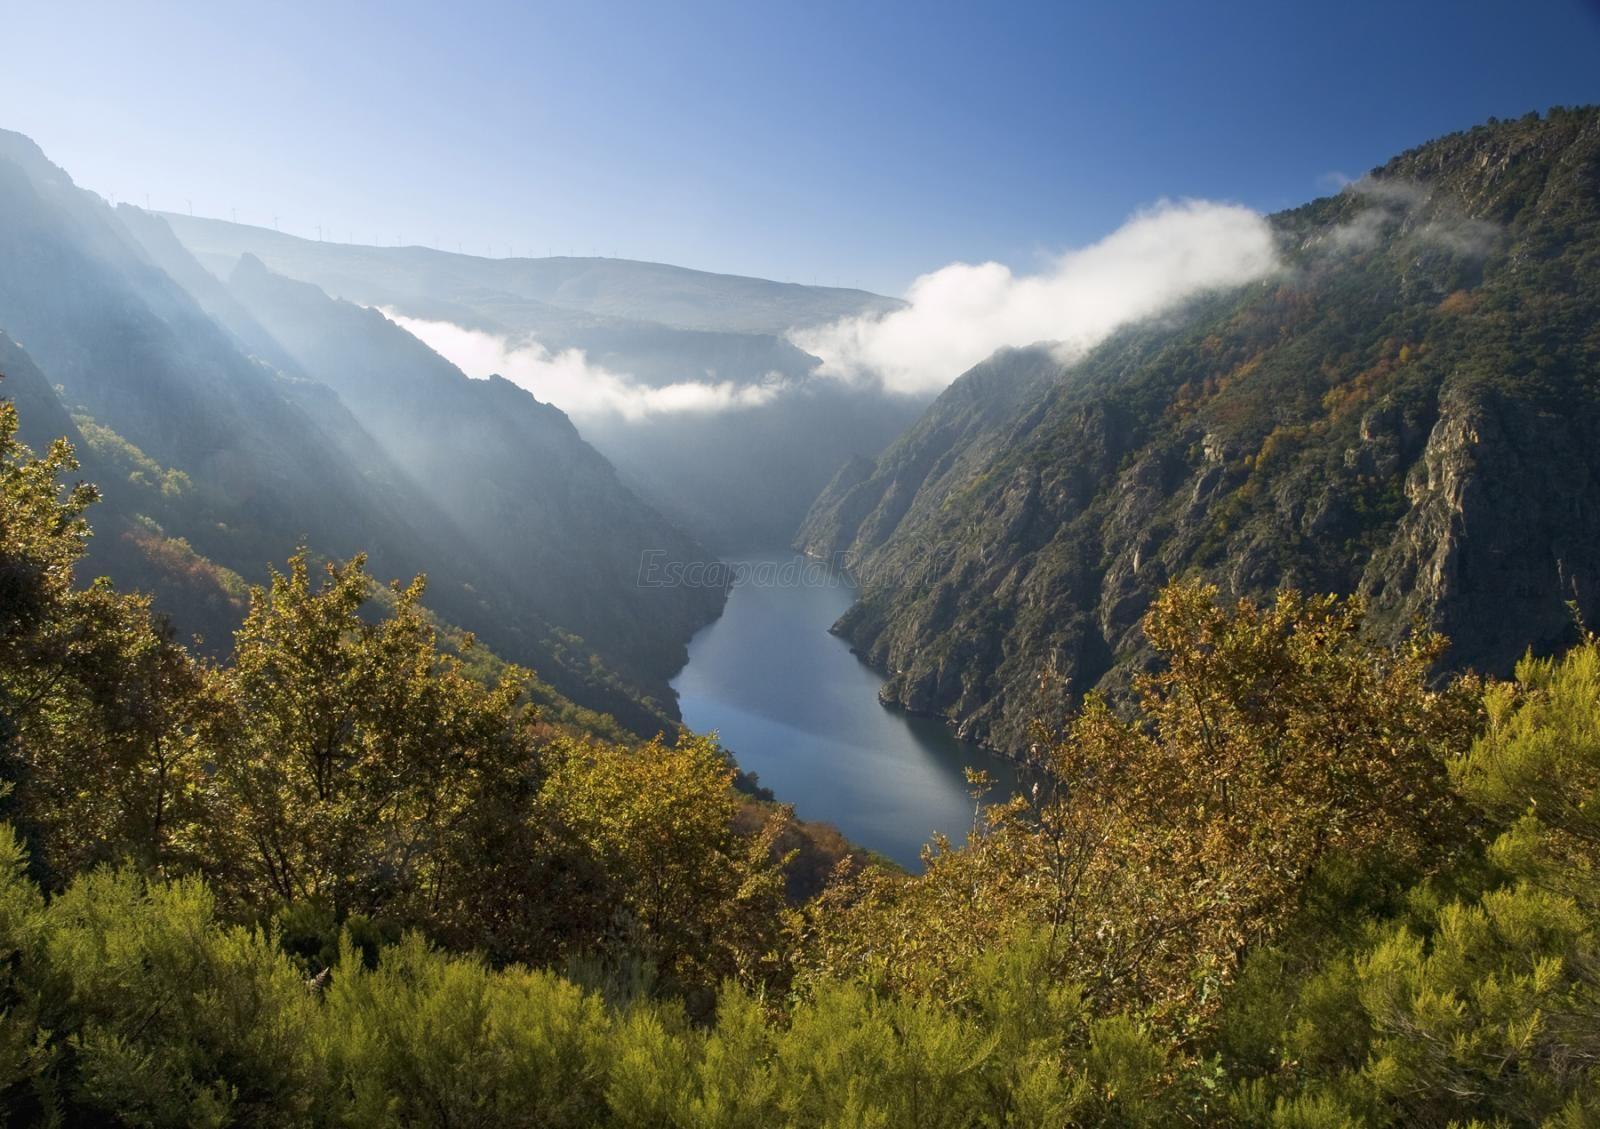 Cañón Del Sil Qué Ver Y Dónde Dormir Turismo Activo Viajar Por España Lugares Increibles